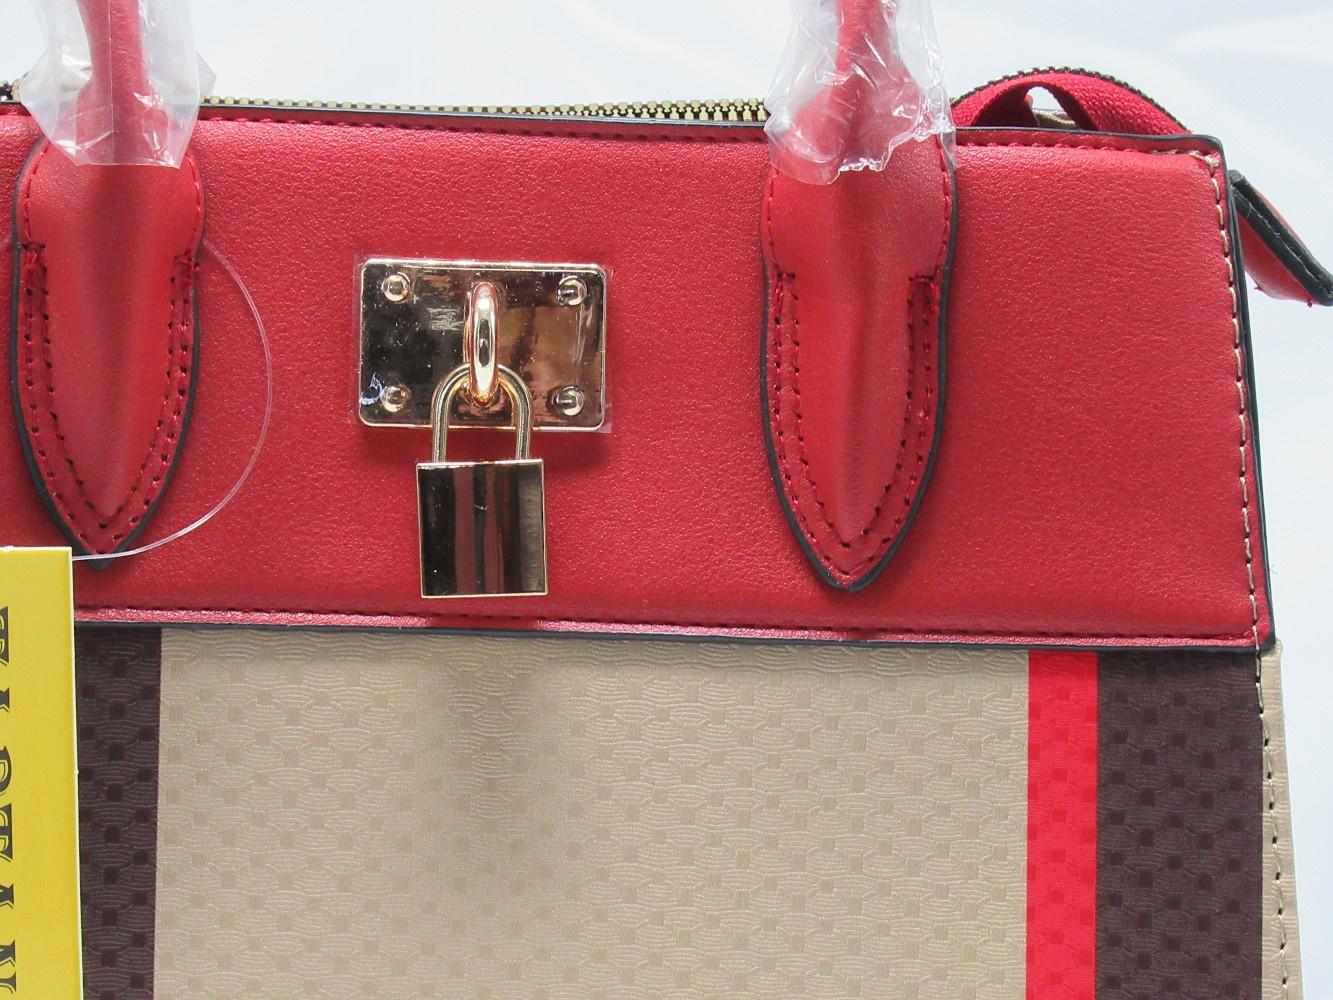 BAG1_Red and Plaid Check Padlock 2-in-1 Bag-lock1